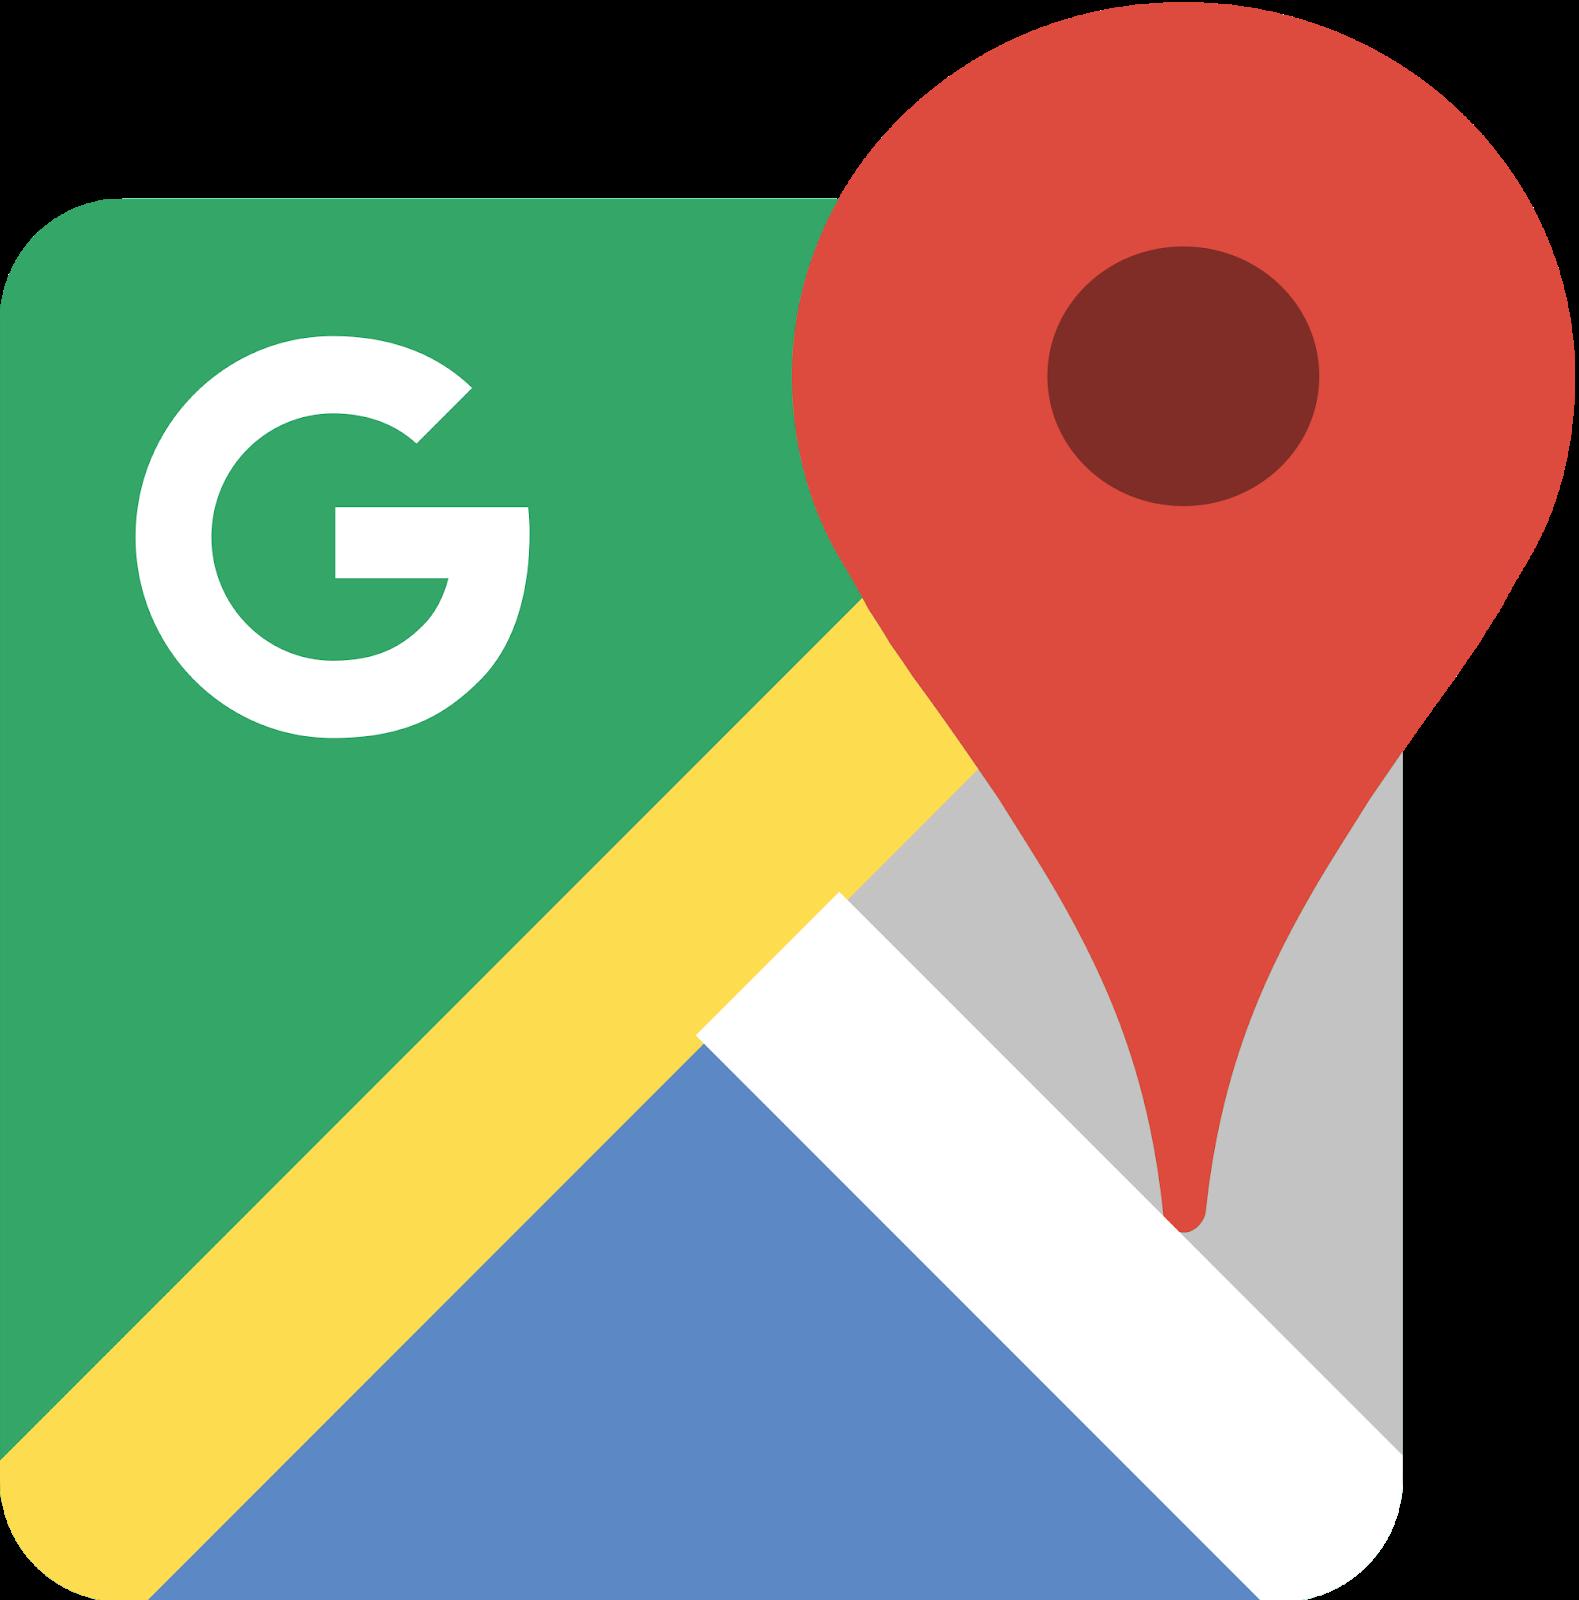 اعرف كيفية قياس المسافة فى خرائط جوجل على أى جهاز بخطوات بسيطة